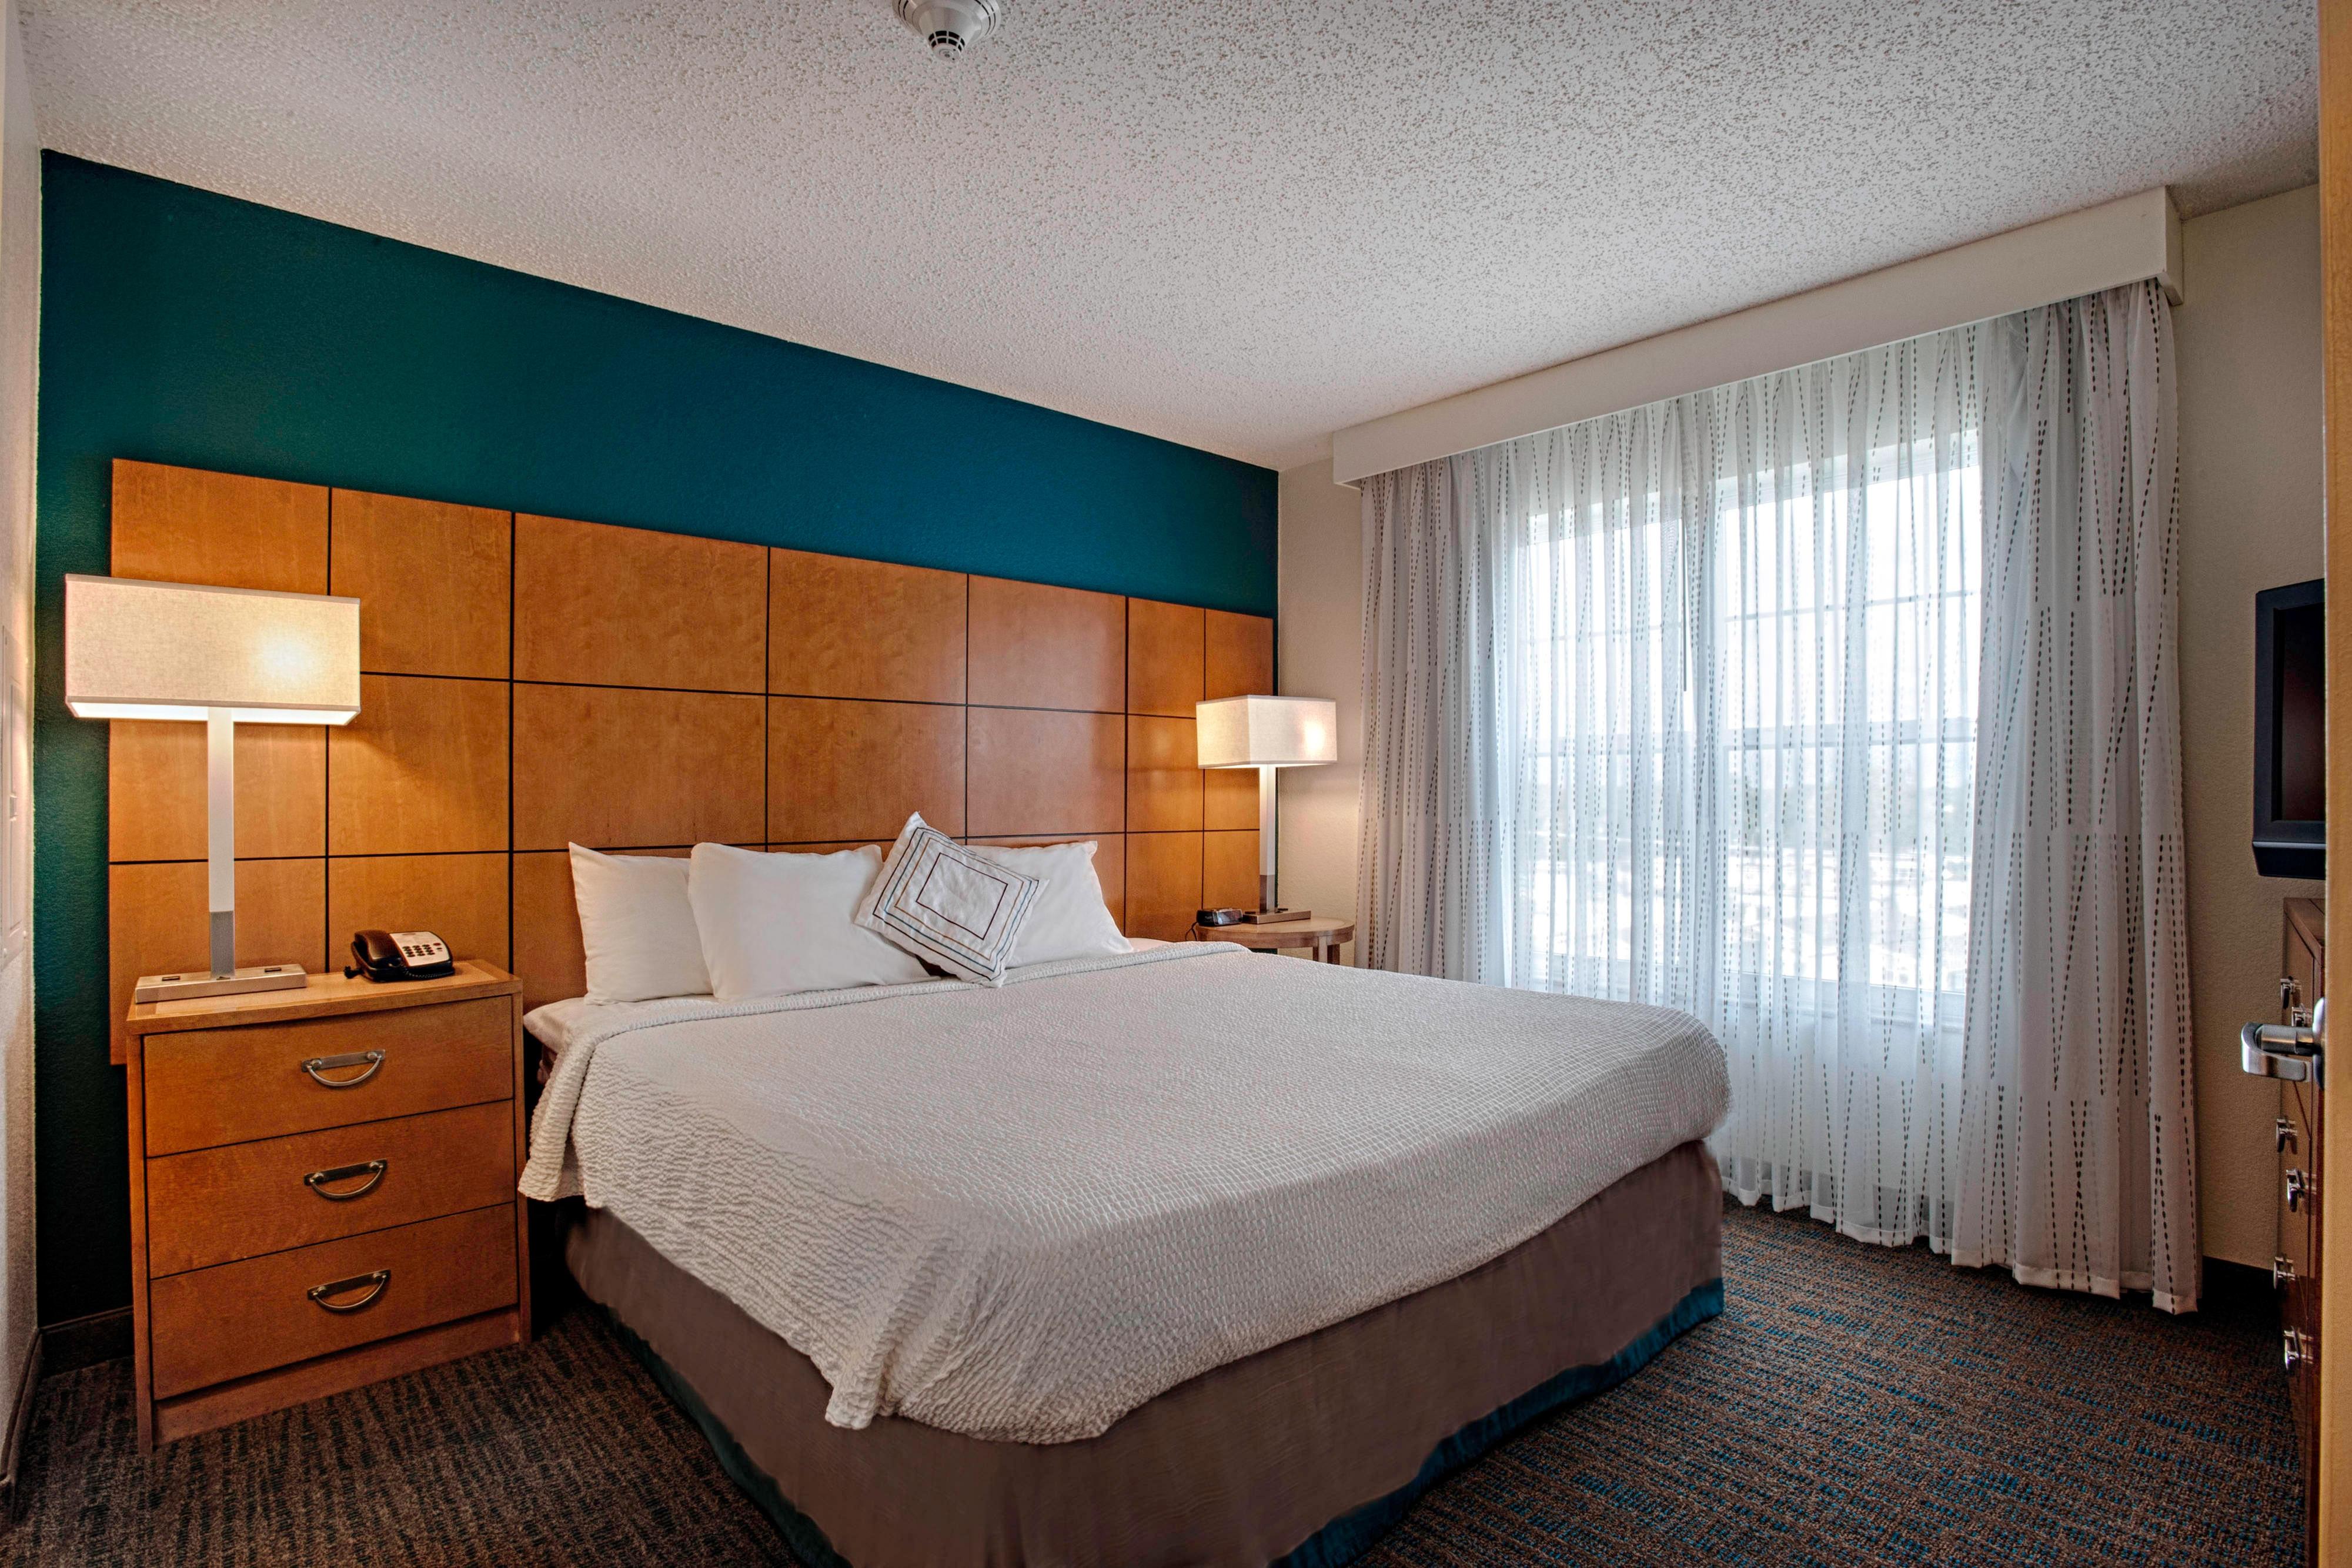 Atlantic City New Jersey Hotel Studio King Suite